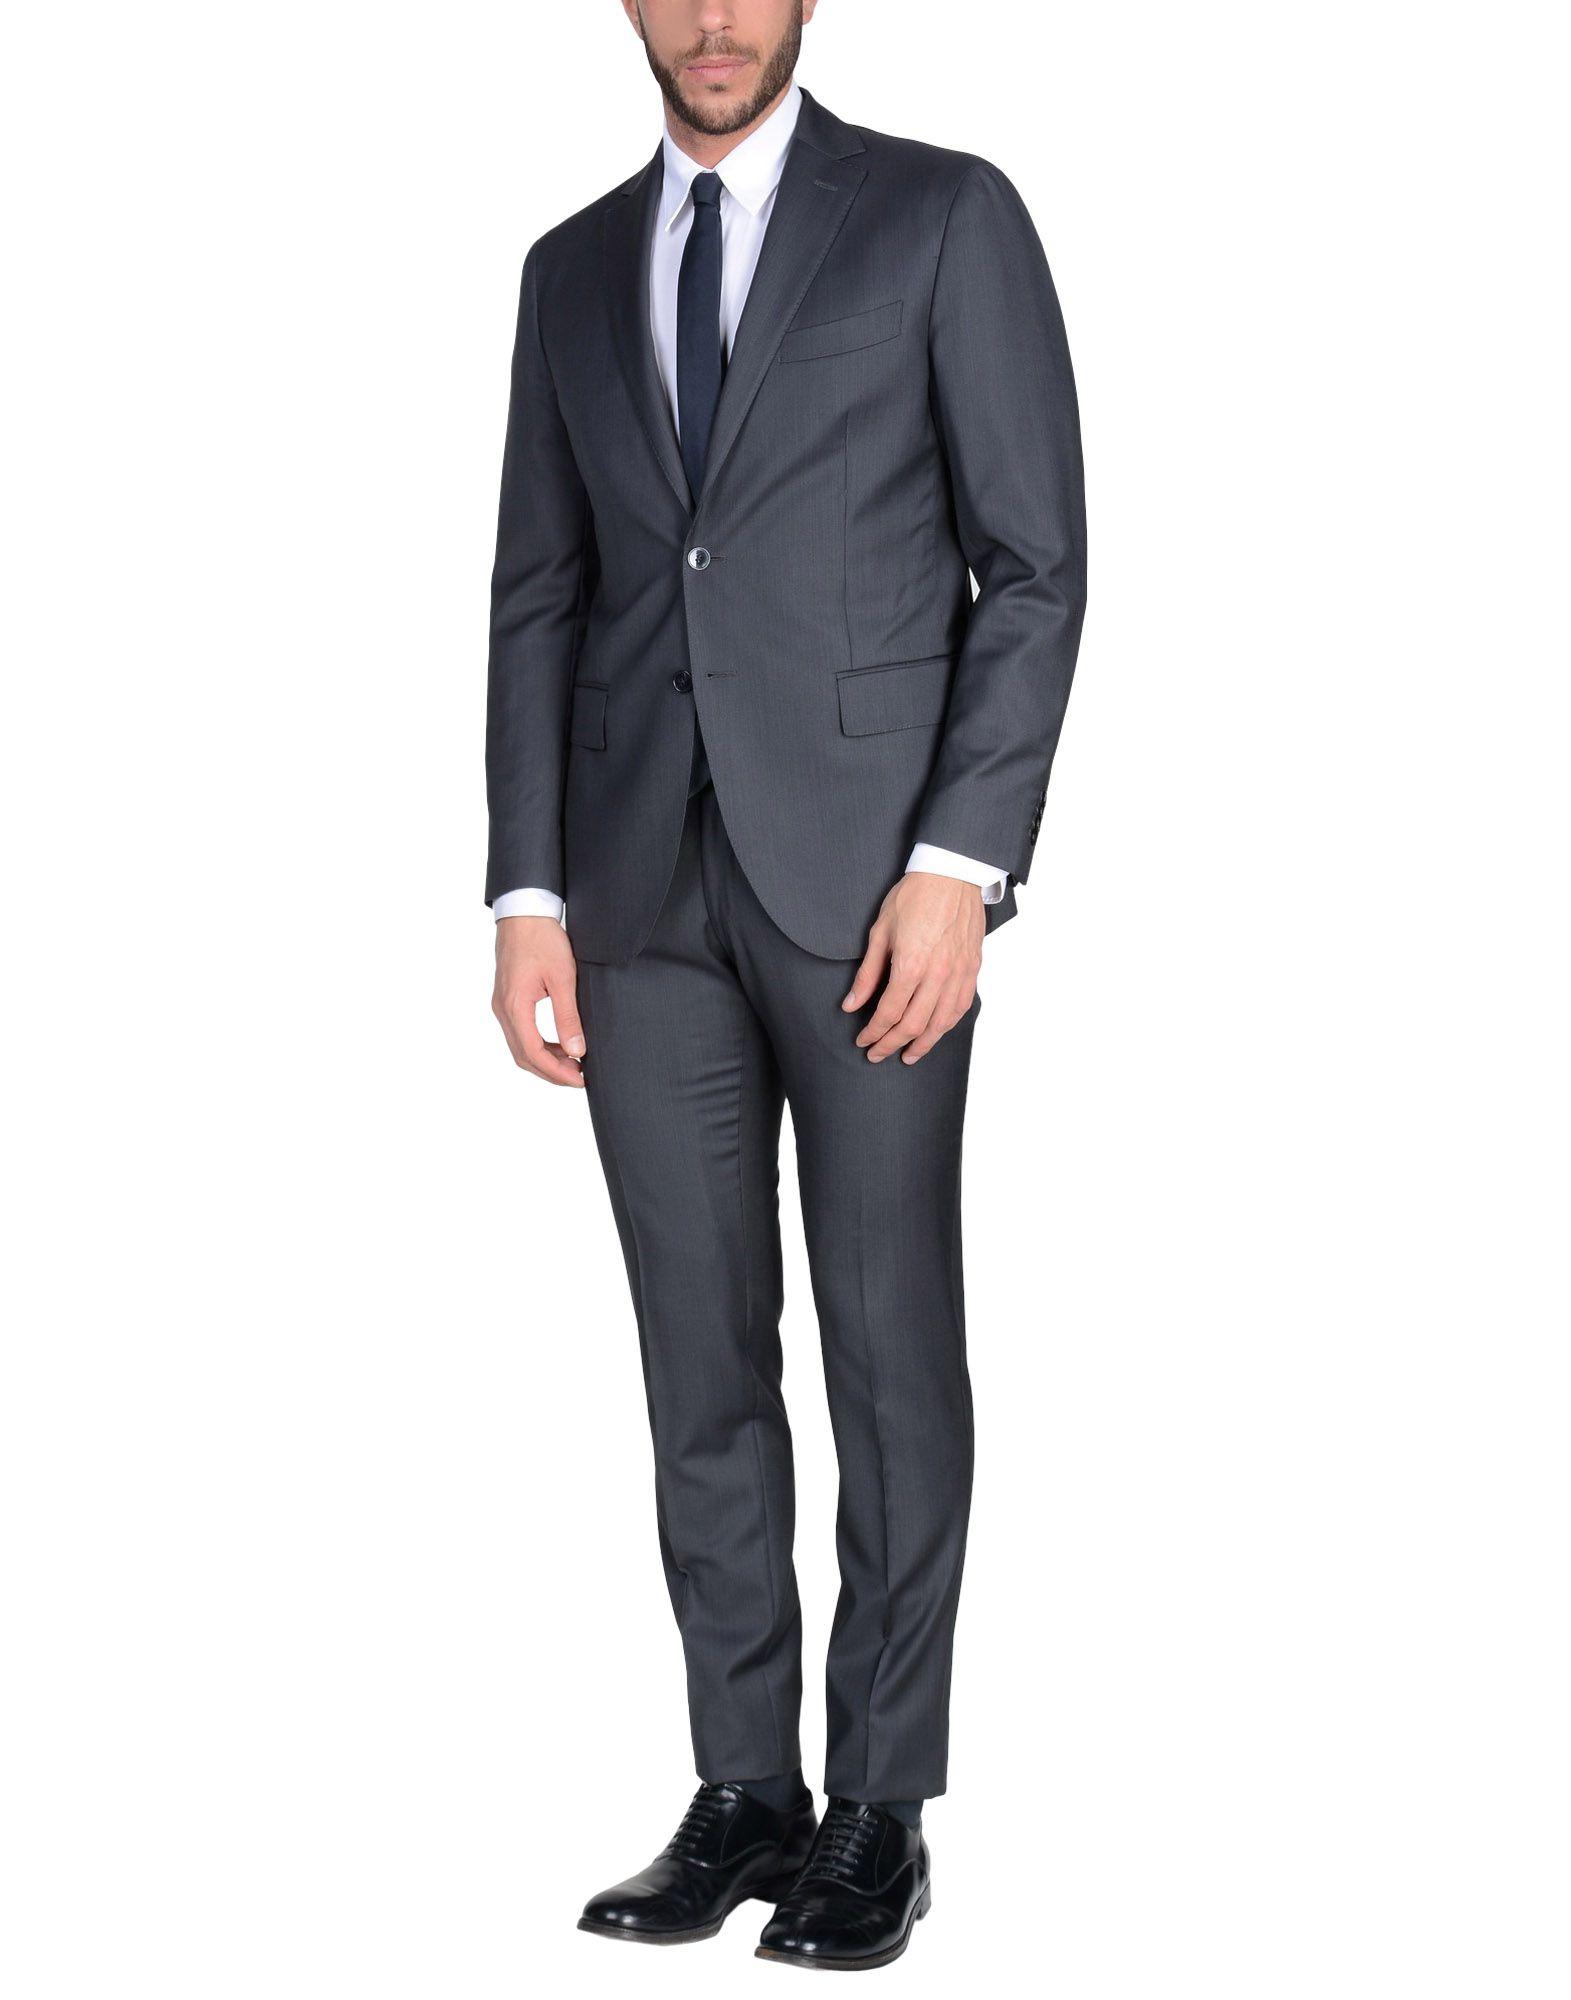 《送料無料》GLENBROOK メンズ スーツ スチールグレー 50 ウール 100%